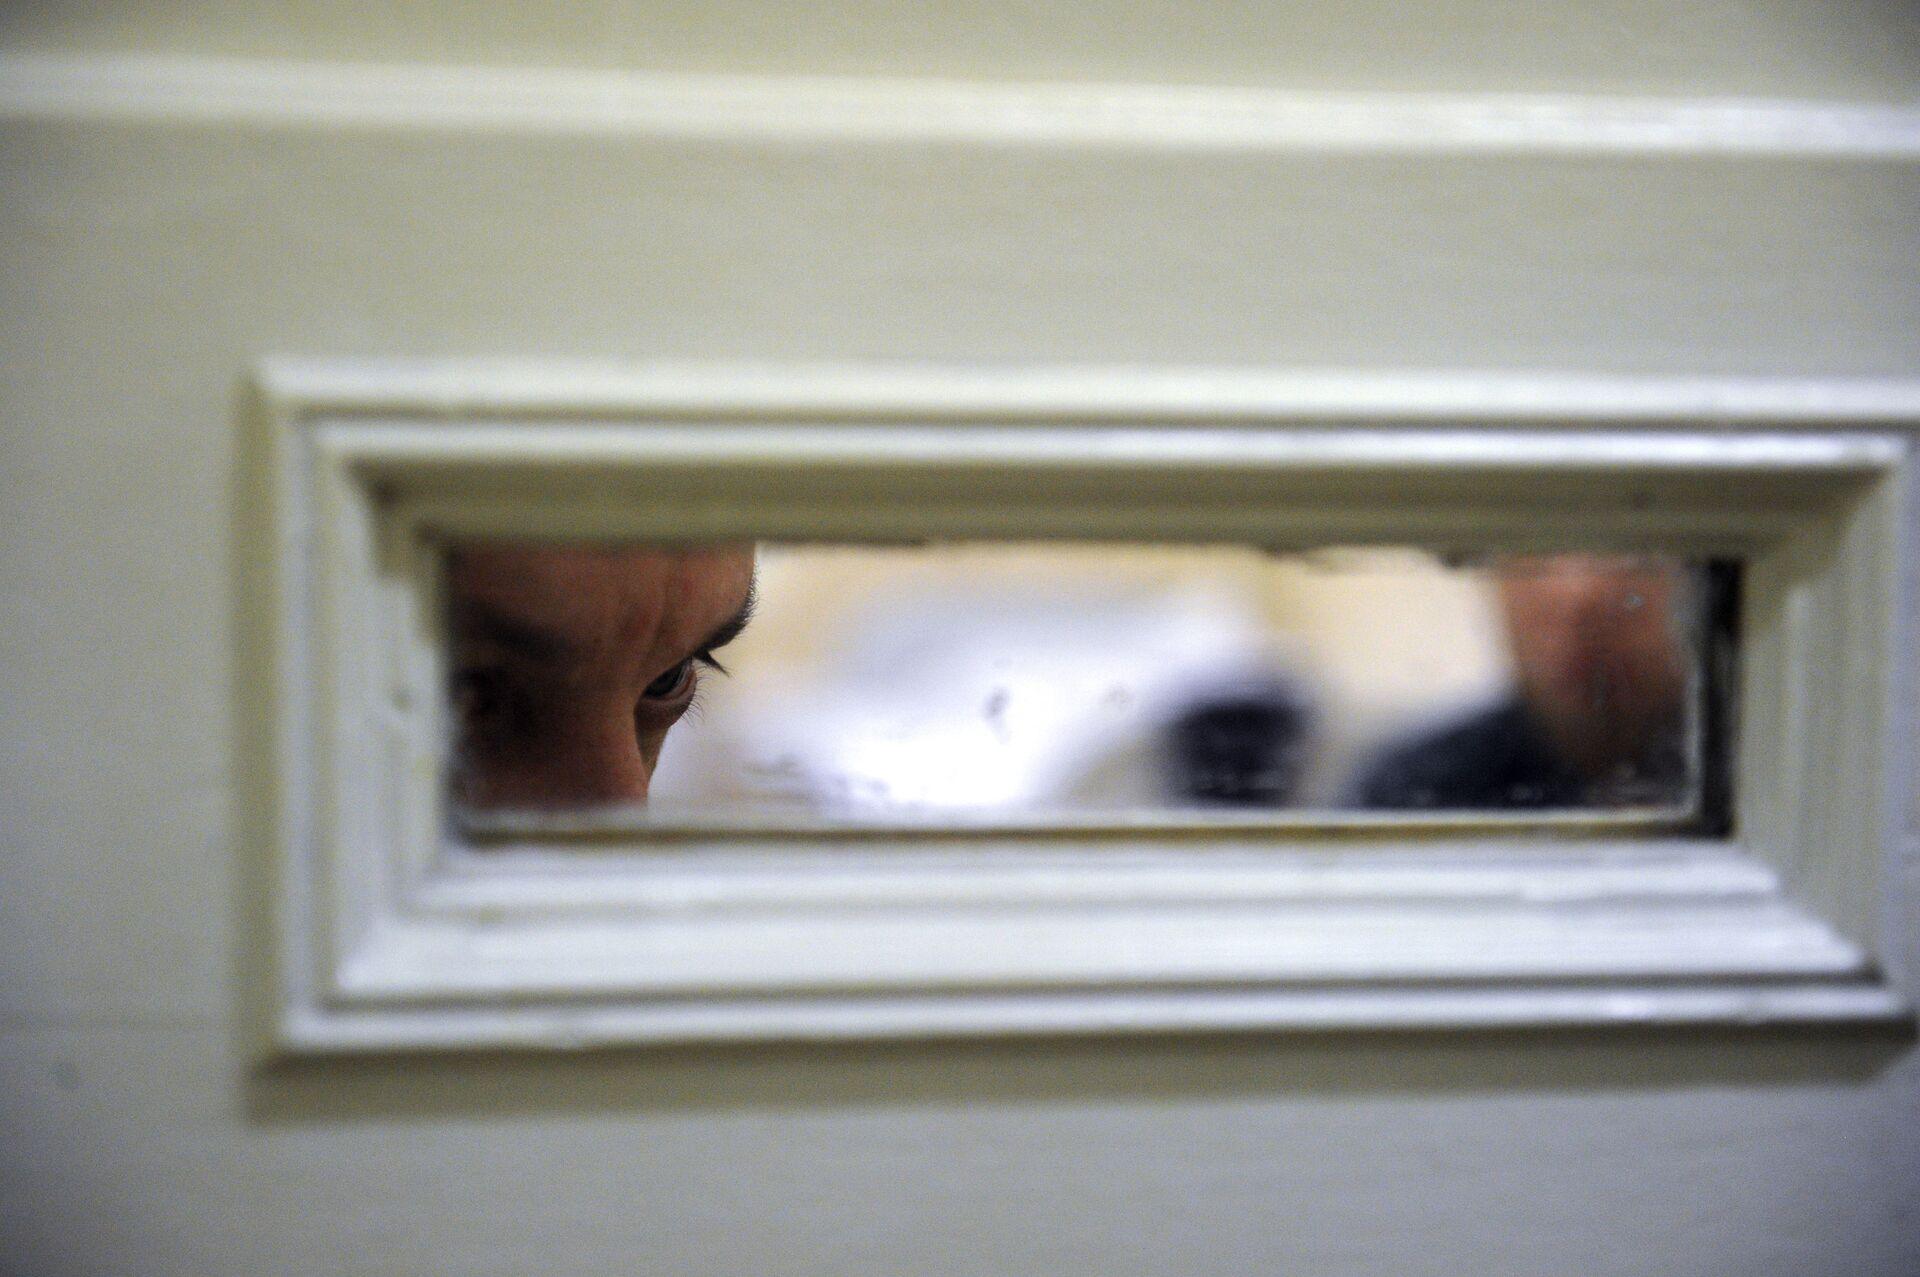 Пациент в палате психиатрического центра - РИА Новости, 1920, 22.01.2021